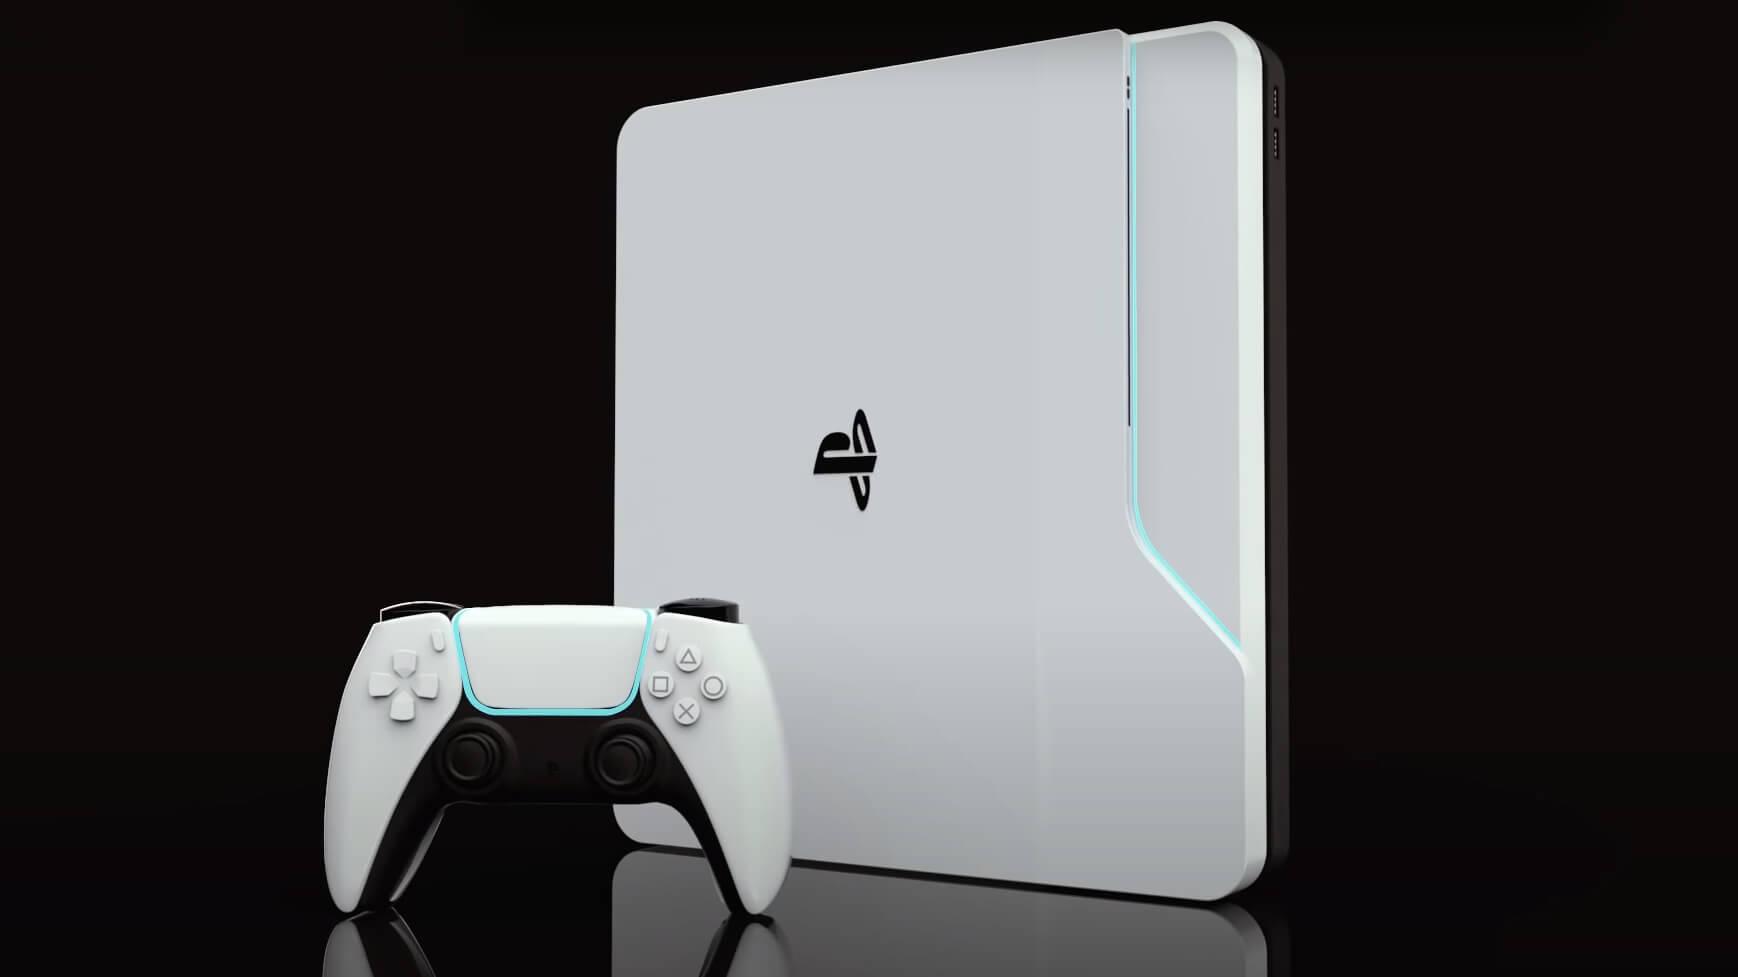 Консоль PlayStation 5 получит аппаратное ускорение звука